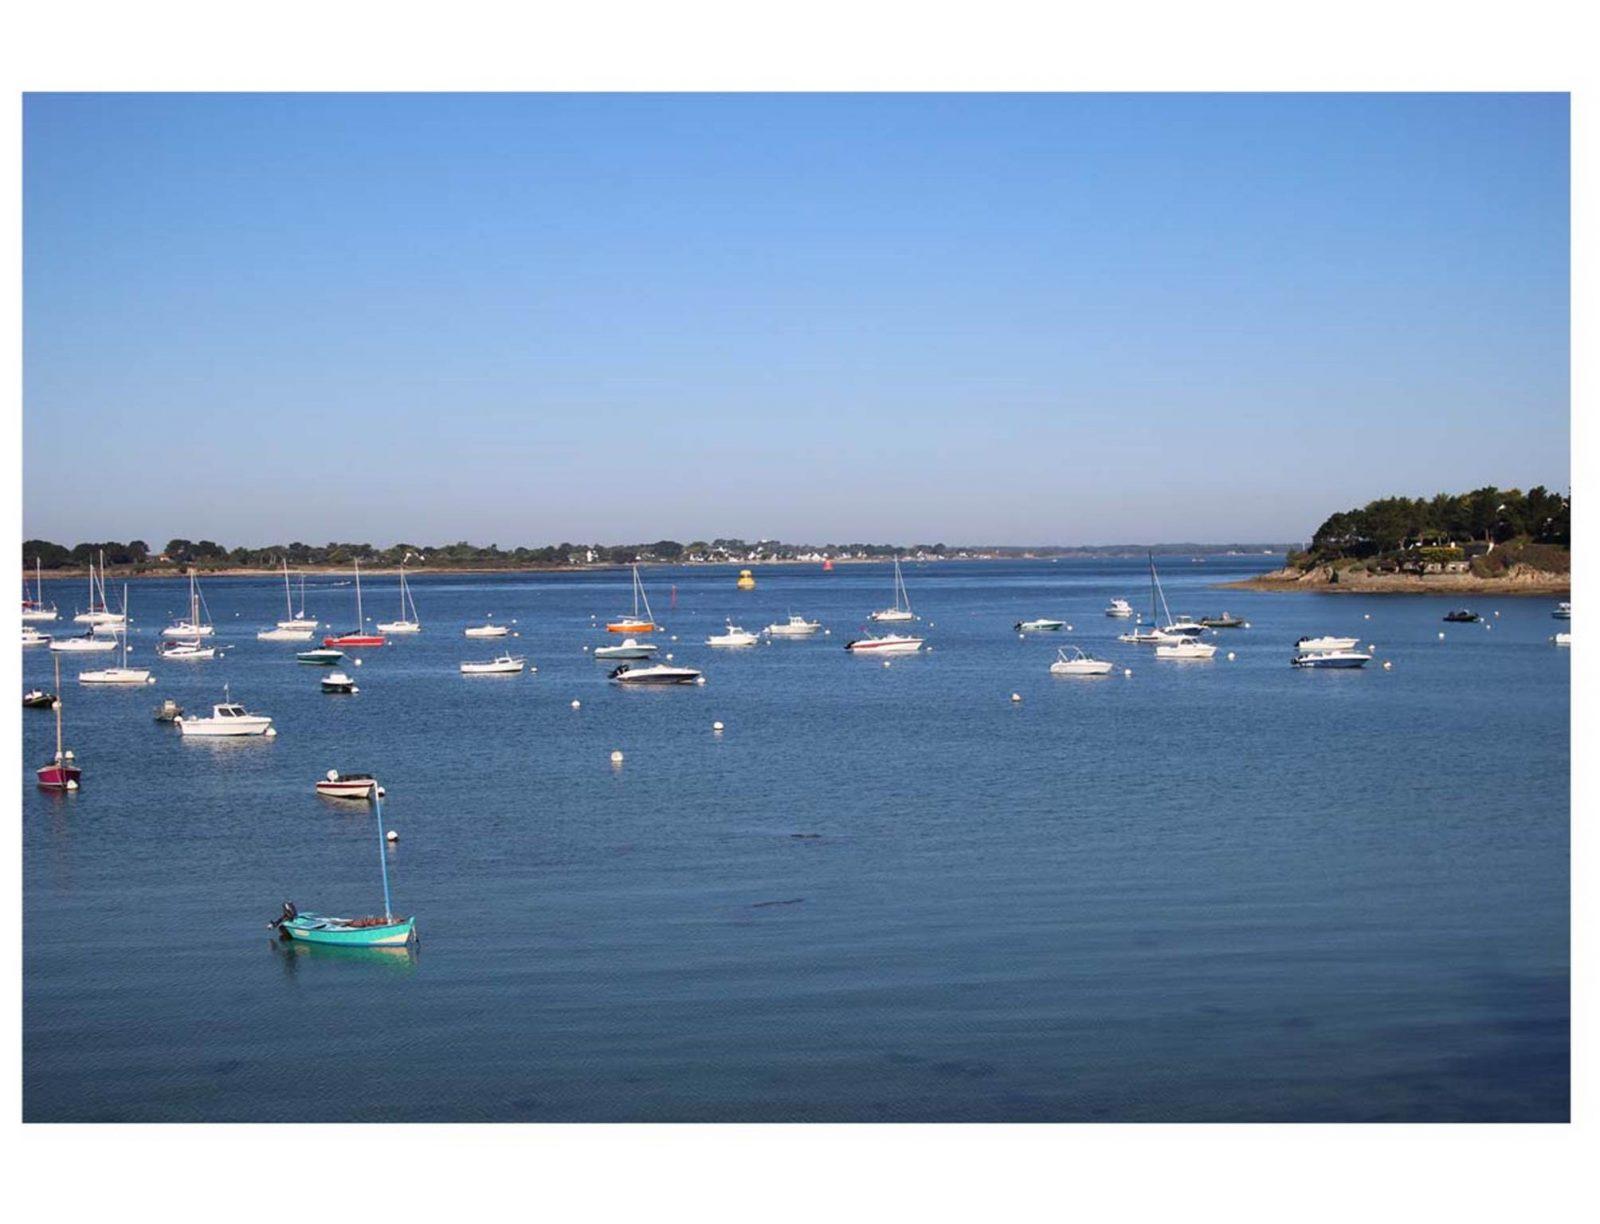 Just-Evenements-Arzon-Presqu'île-de-Rhuys-Golfe-du-Morbihan-Bretagne sud